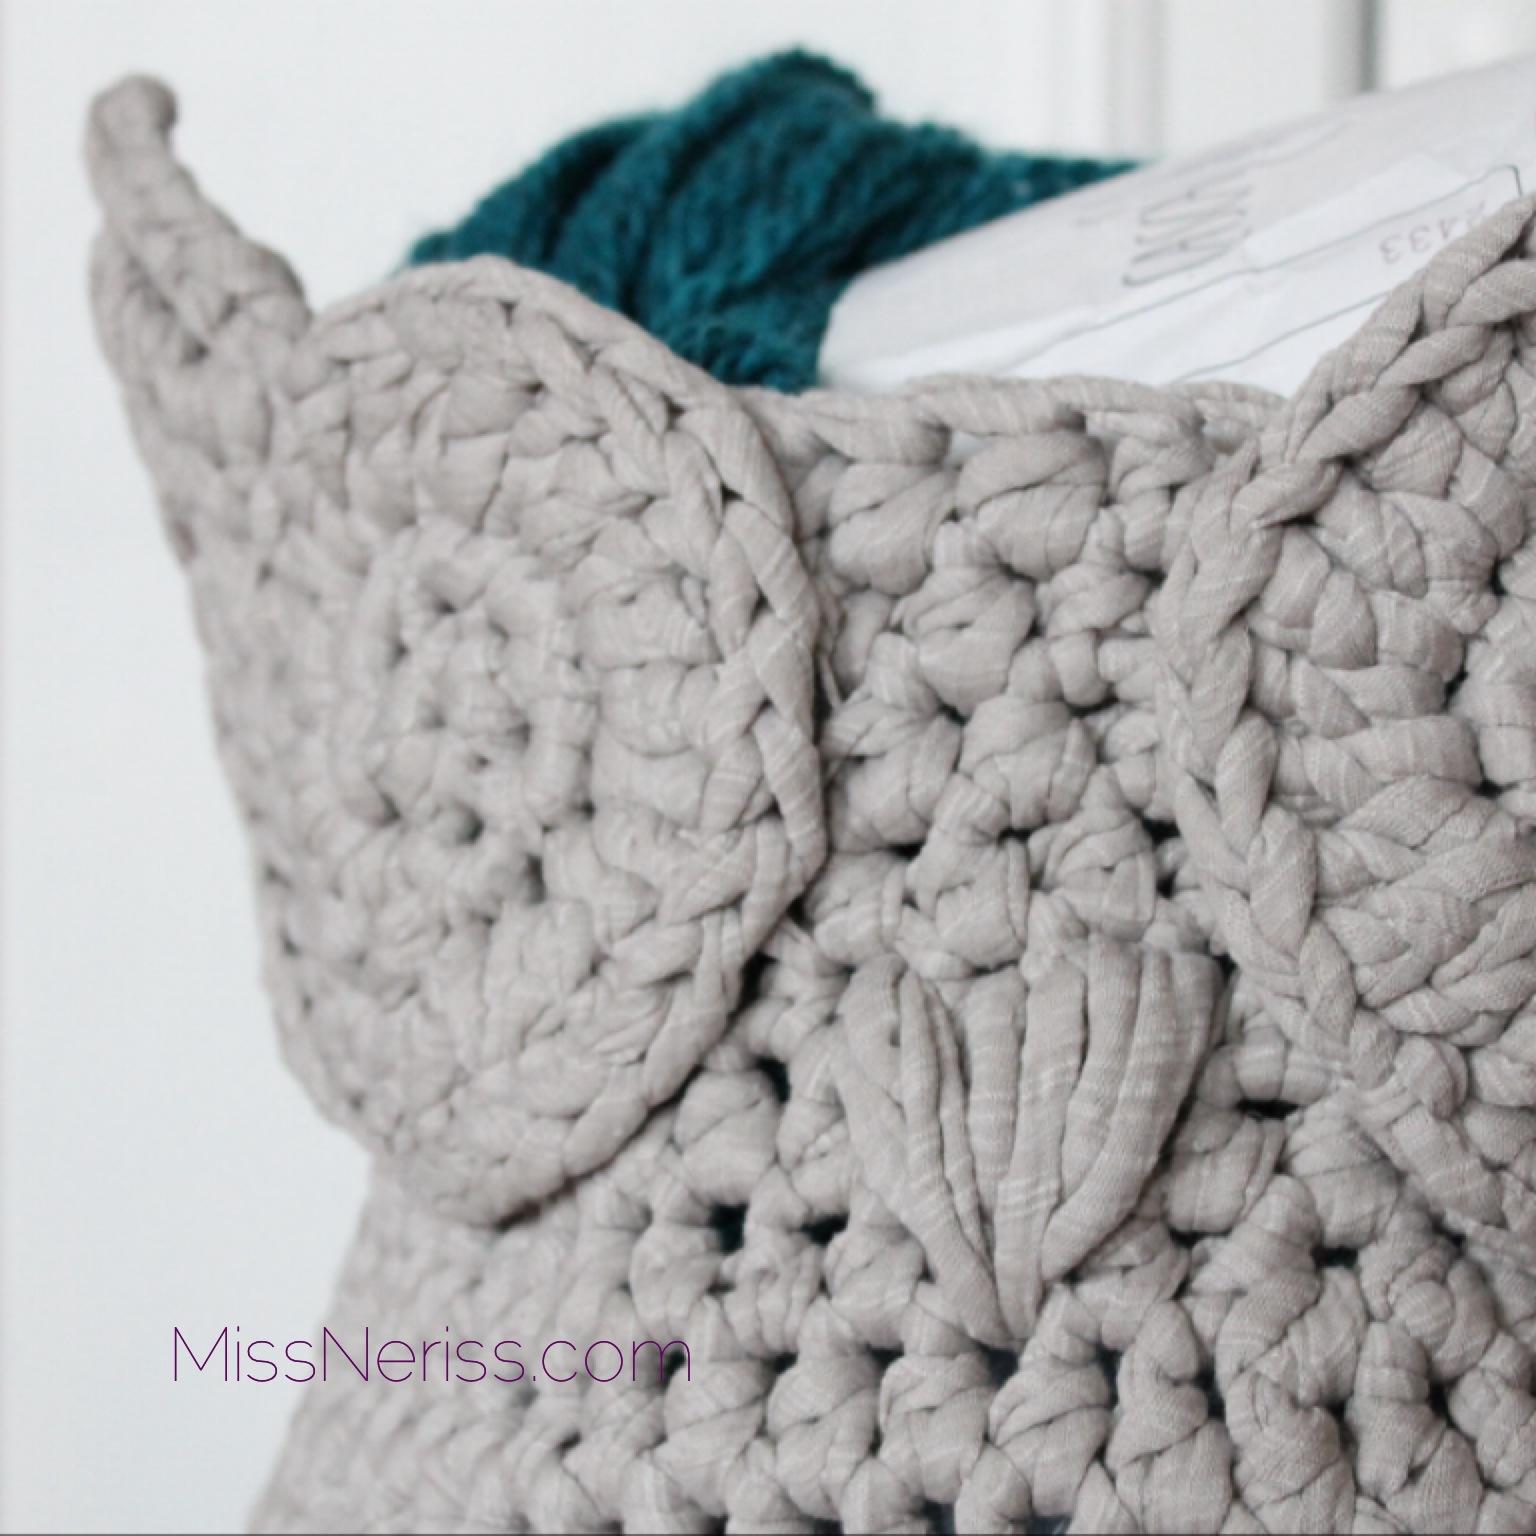 craftsy | MissNeriss